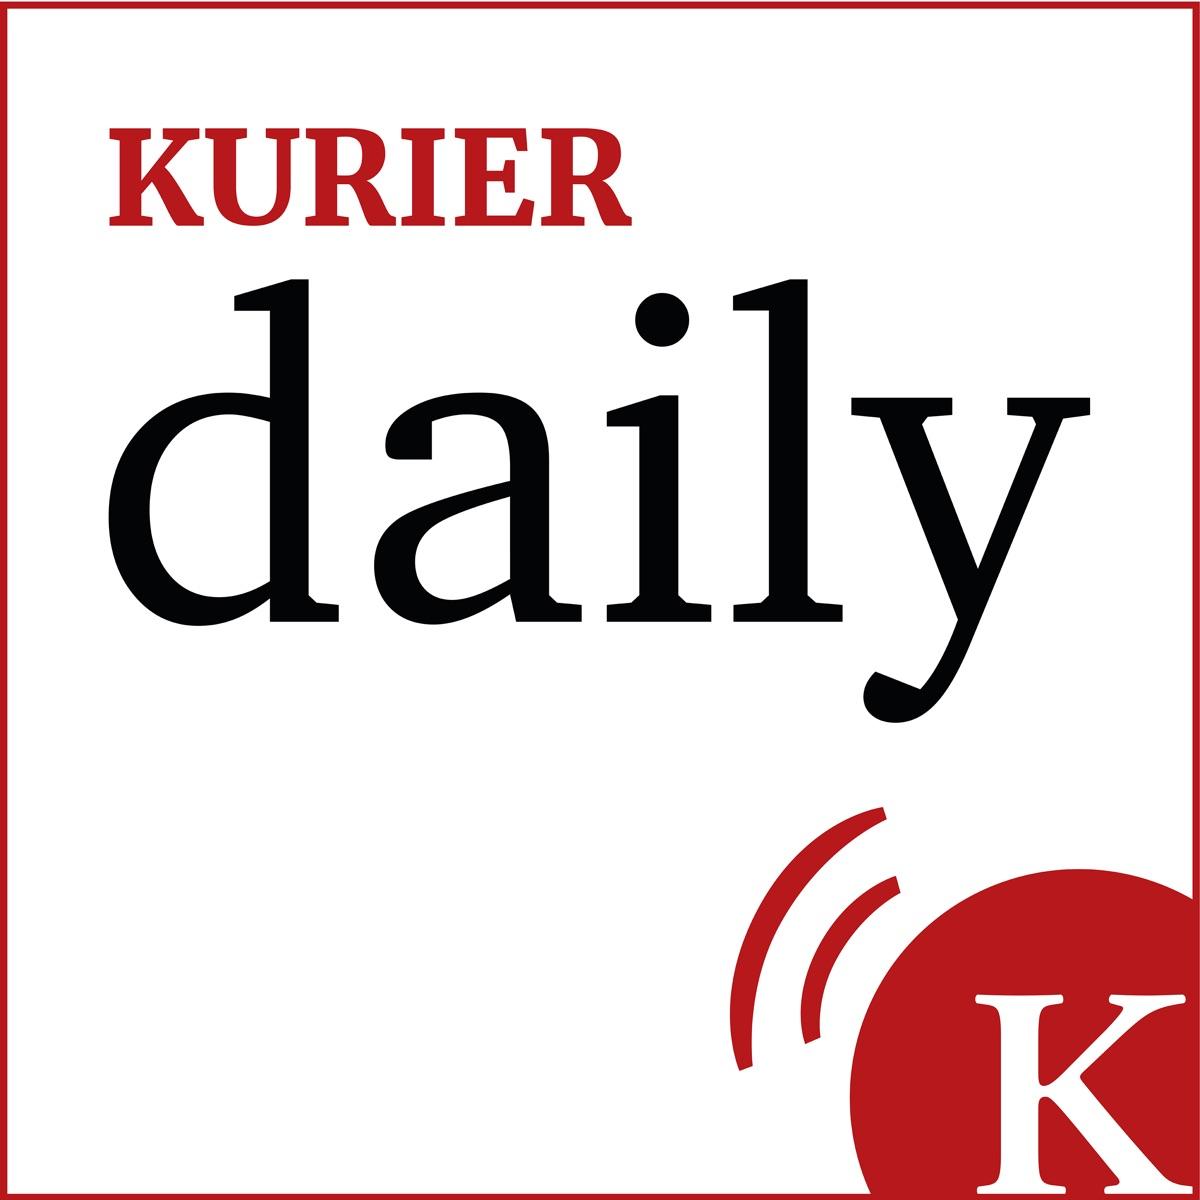 KURIER daily